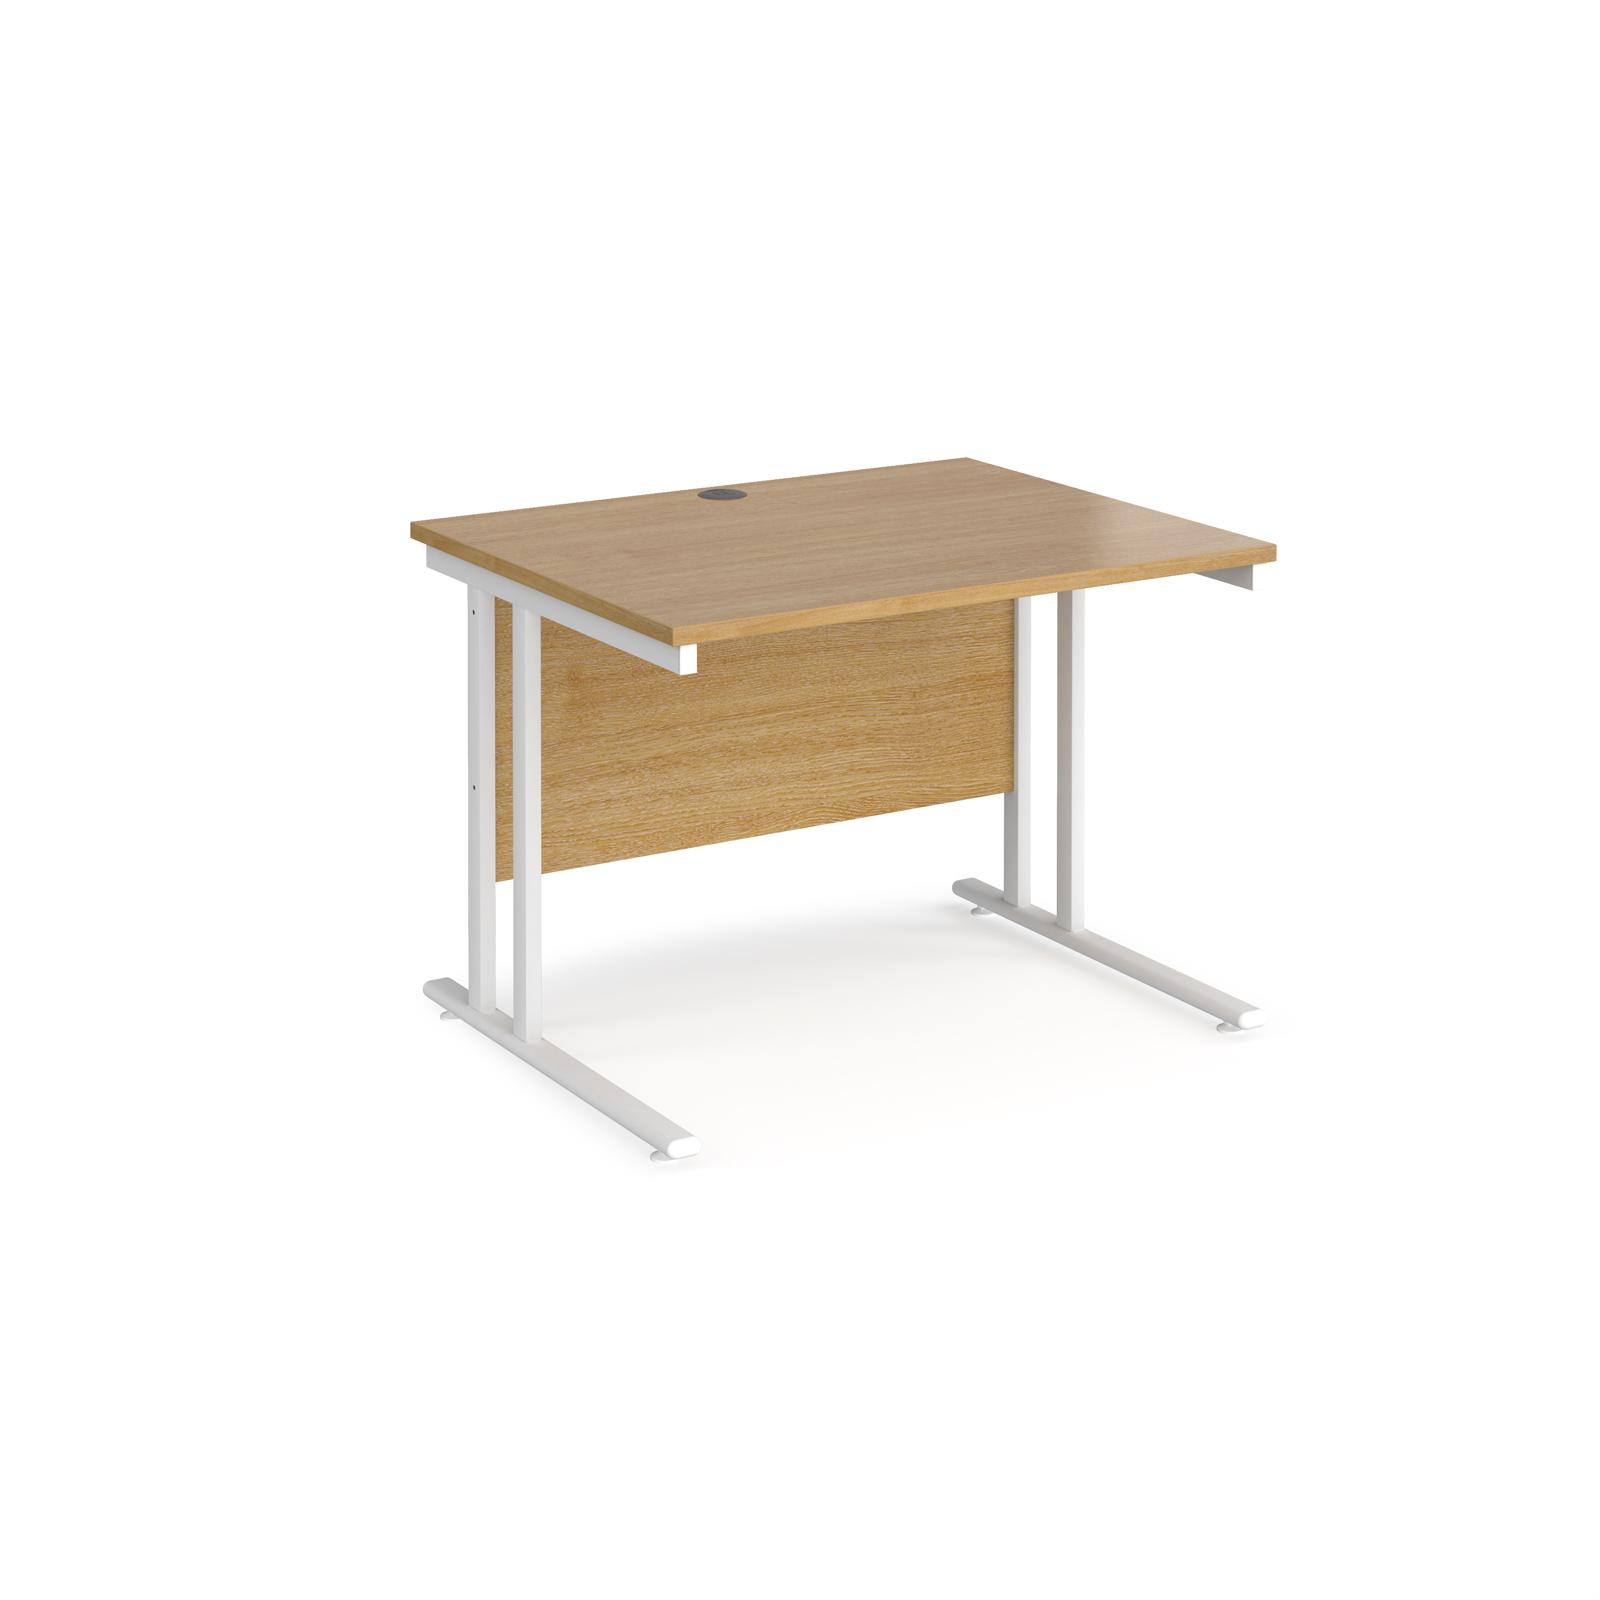 Rectangular Desks Maestro 25 straight desk 1000mm x 800mm - white cantilever leg frame, oak top